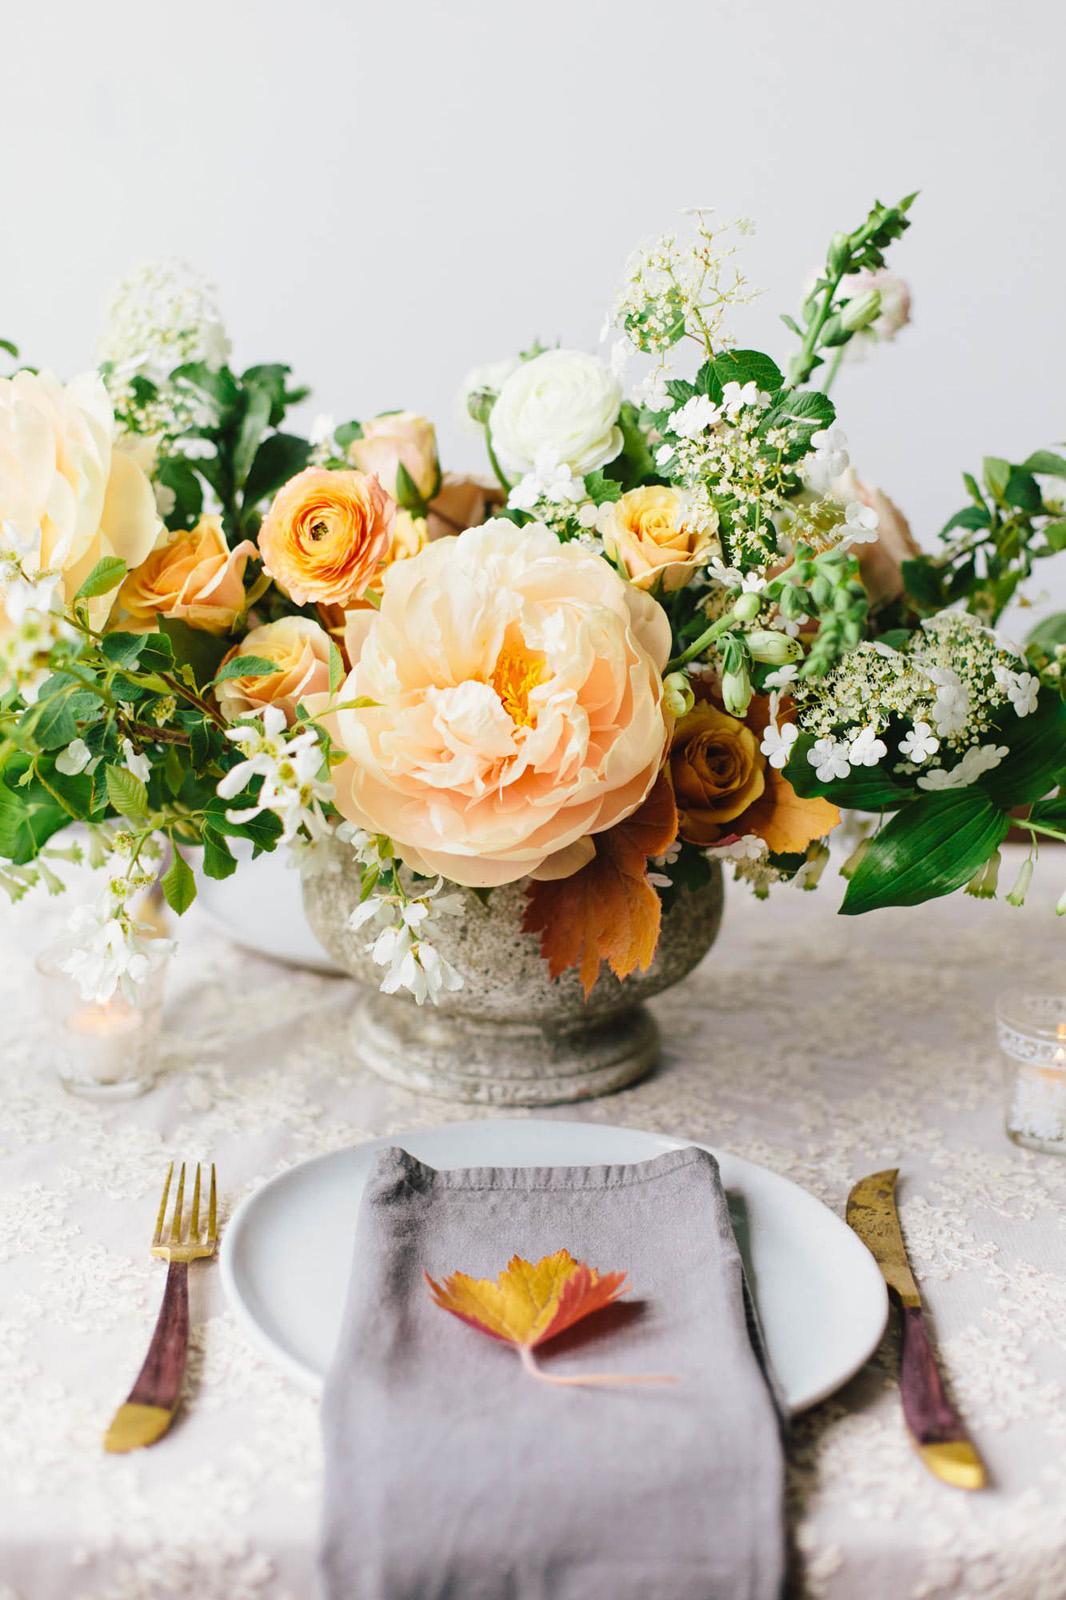 labeillefleuriste-mariage-09.jpg